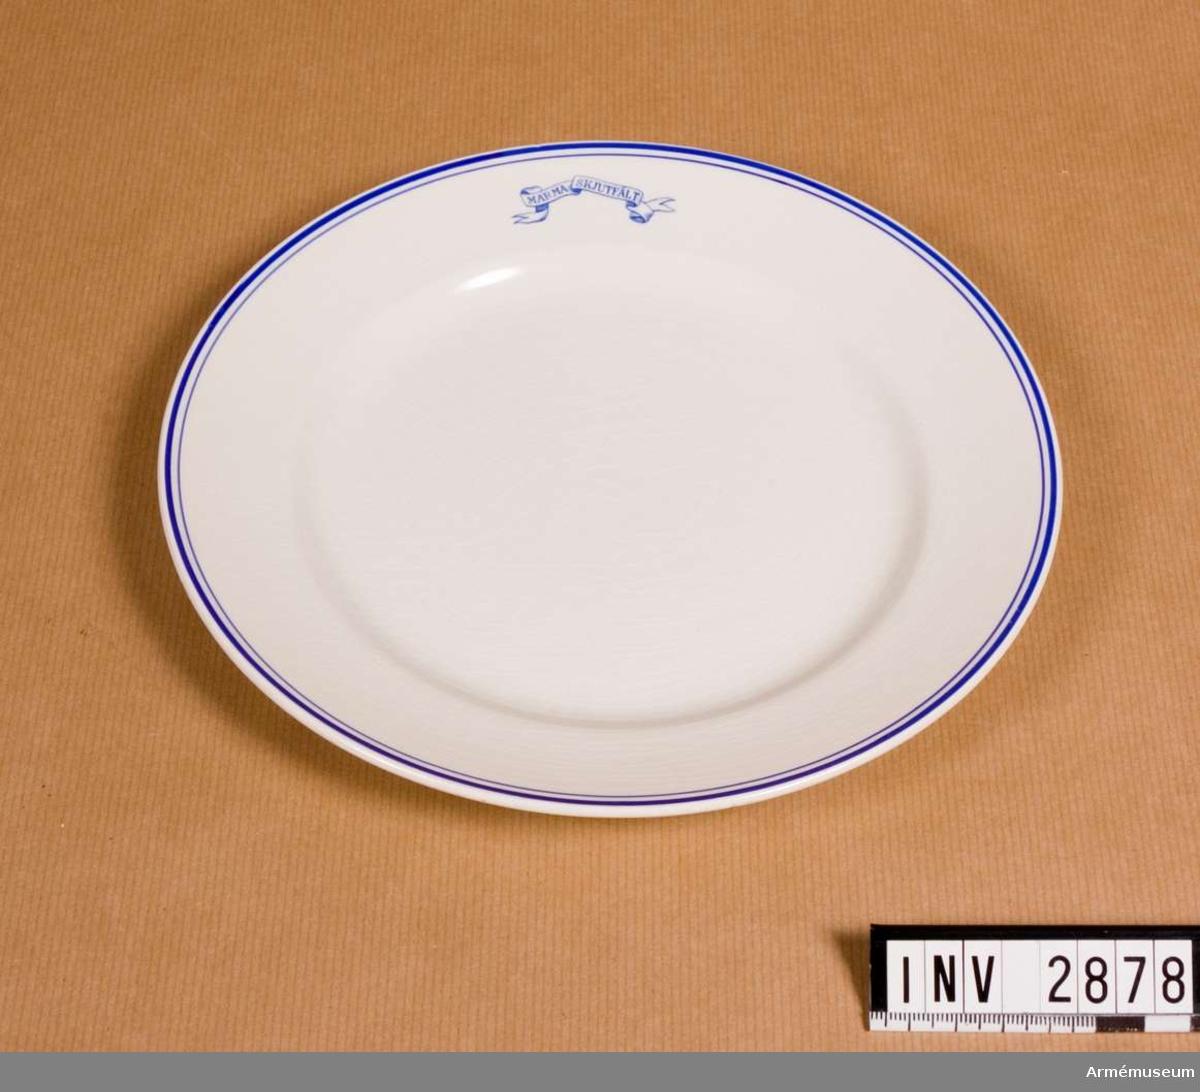 """Vitt porslin med blå dekor; runt ytterkanten en något kraftigare rand än den innanför. Emblem i form av banderoll med text """"MARMA SKJUTFÄLT"""". Undersidan märkt """"Gustavsberg 1718 R2"""". Har använts vid off.mässen, Marma läger. Porslinet har tillh. A 1 och har förmodligen anskaffats i början av 1930-talet som ersättning för porslin som blev förstört när mässen brann ner feb 1930.  Samhörande nr är 2625-2630, 2876-2881 (2876-2881)."""